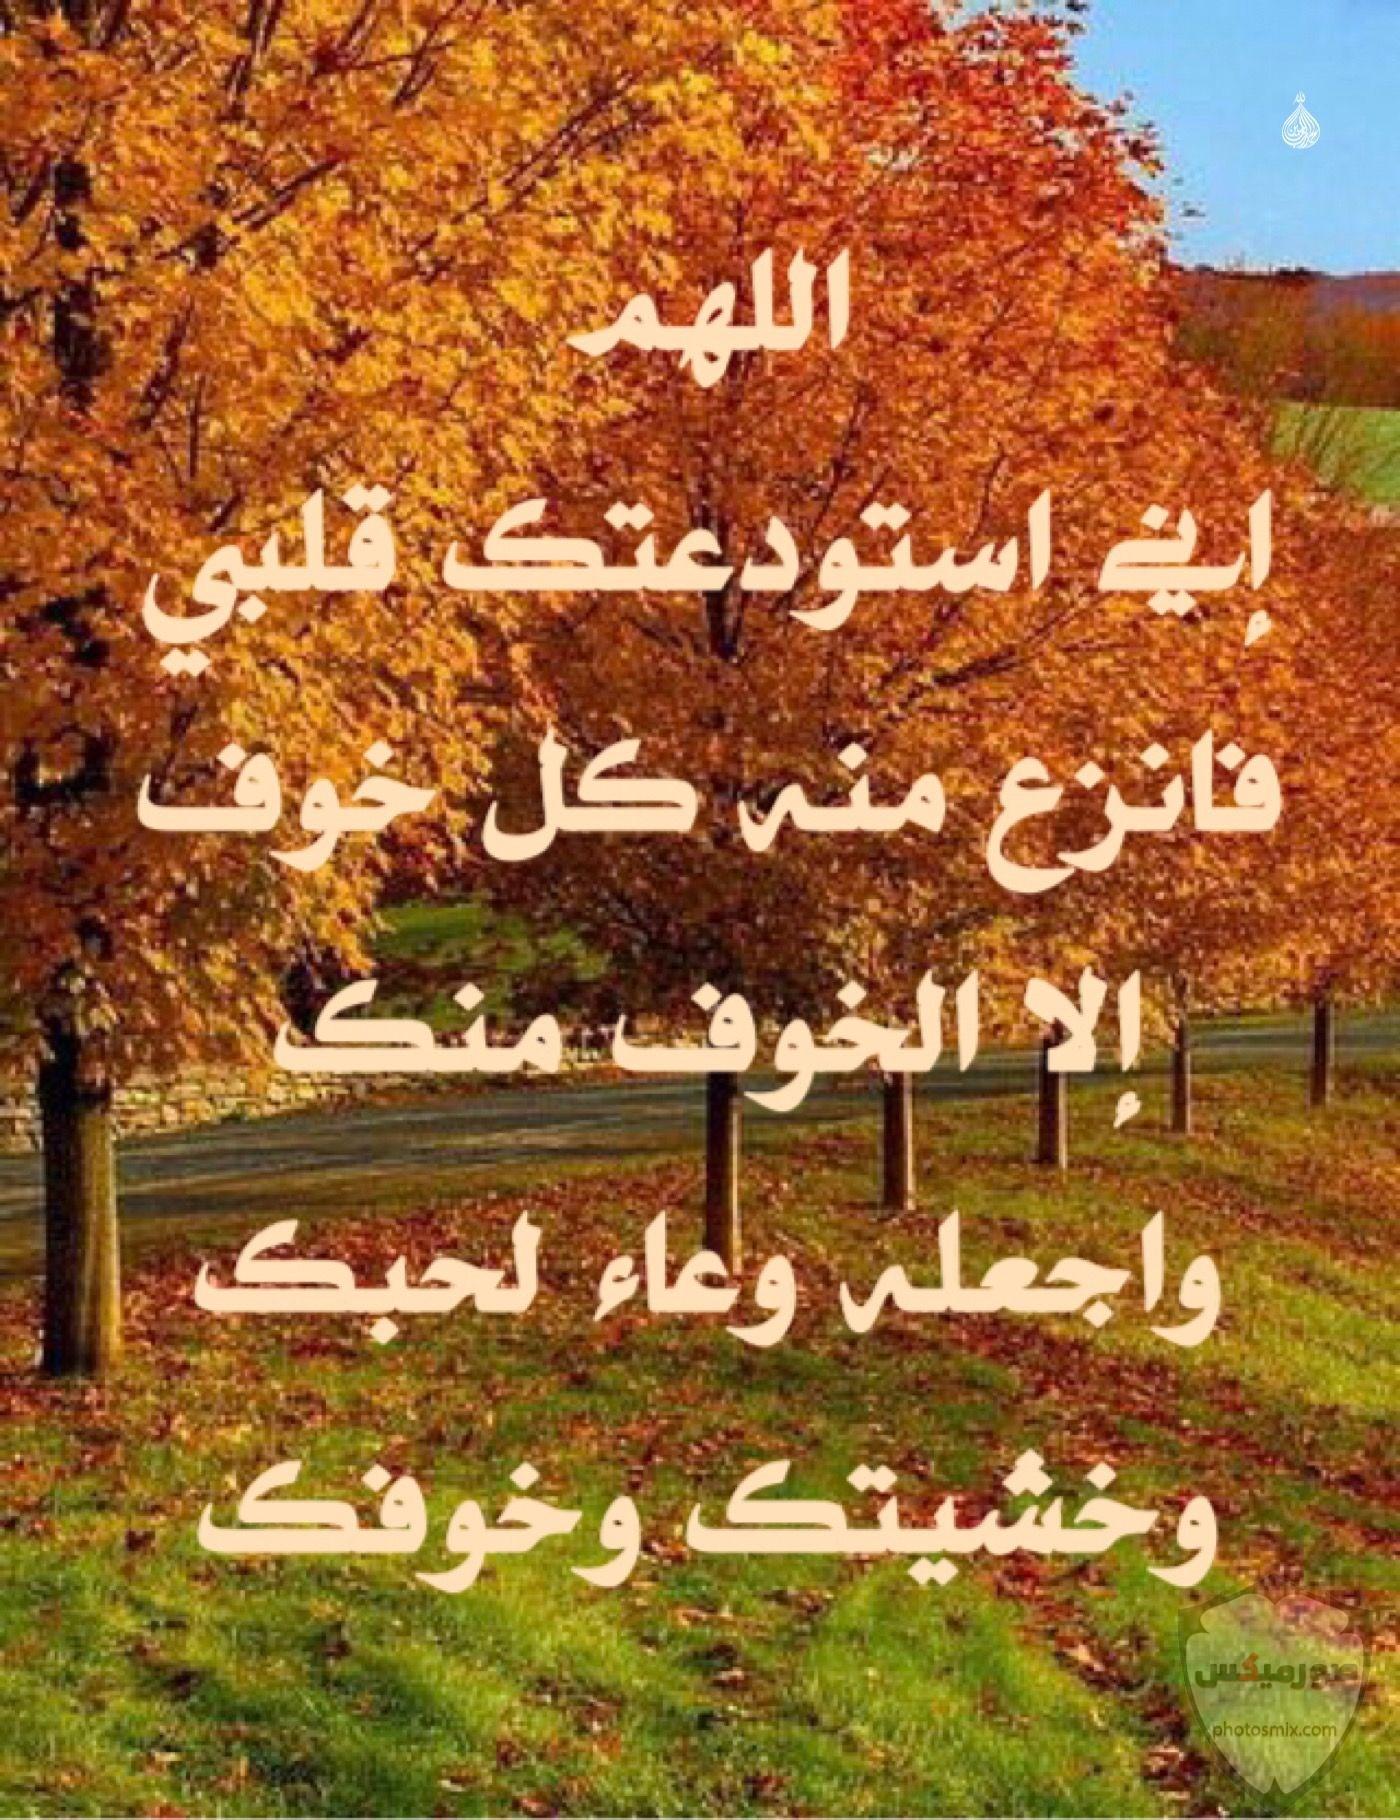 صور قرآن جميلة صور دعاء ادعية مصور صور وخلفيات مكتوب عليها الله 7